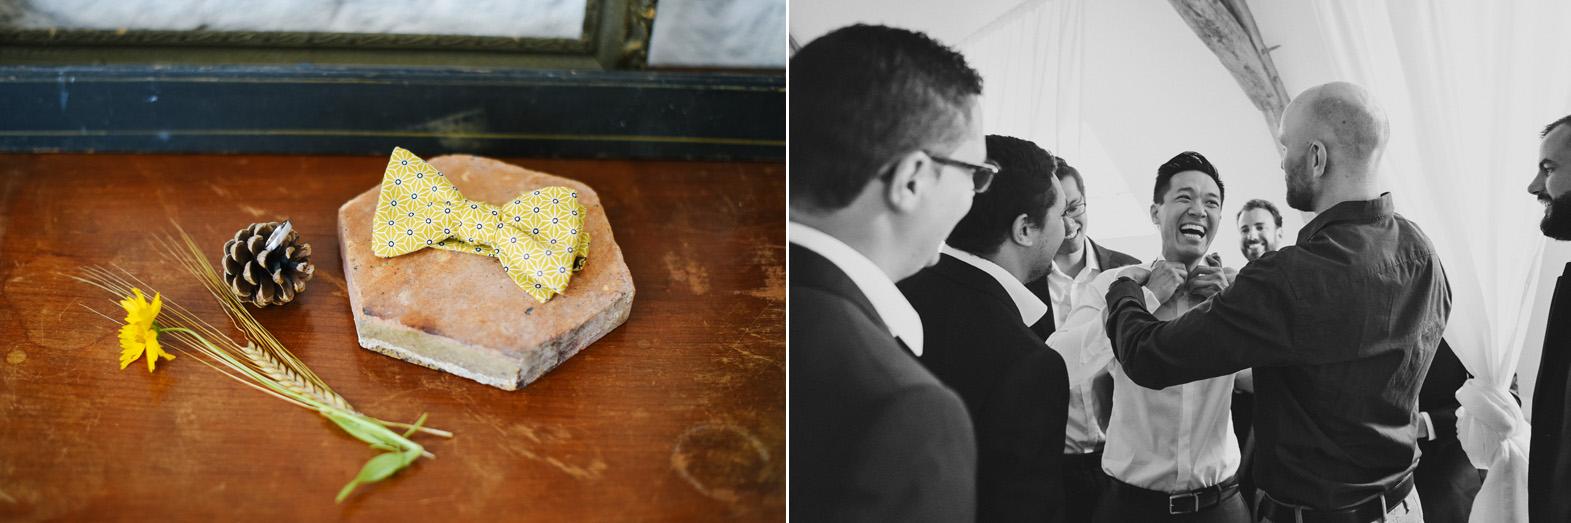 mariage_LW_domaine de la Pepiniere_seine-et-marne_77_photographie_clemence_dubois MEP4